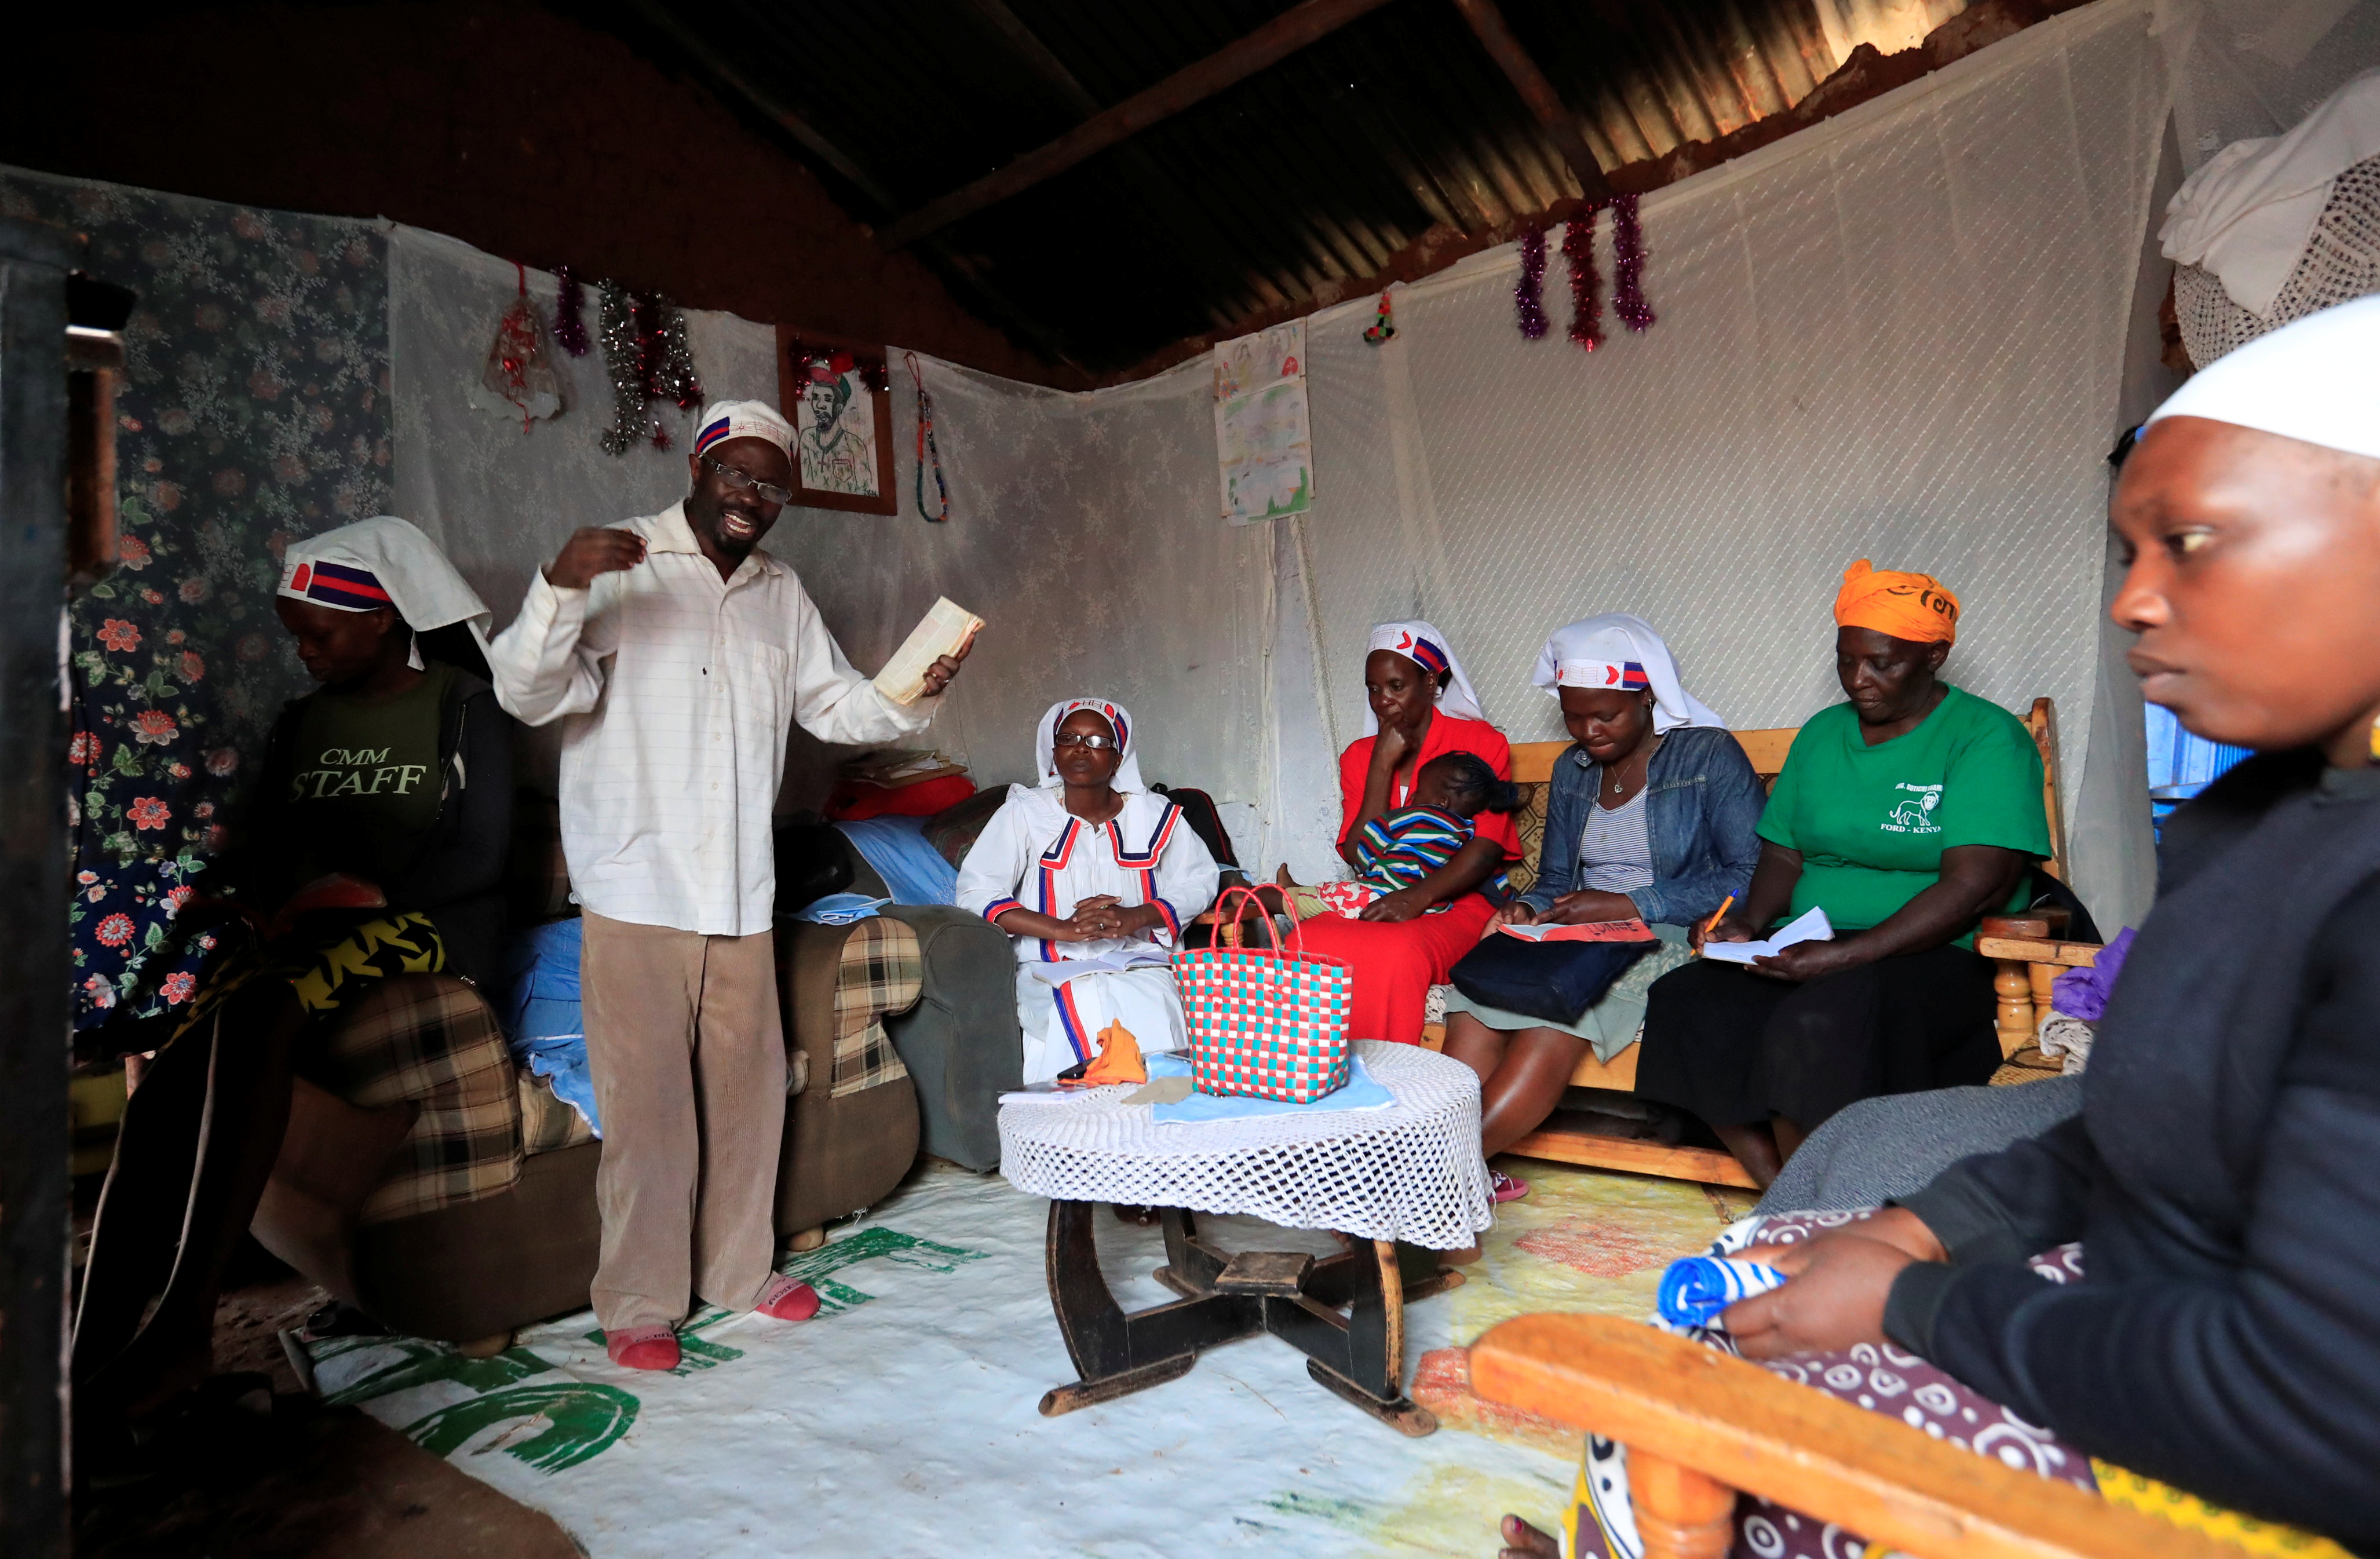 القس كاليب مالوبا مادوكا يقود قداس أحد الشعانين فى منزل بشرق إفريقيا